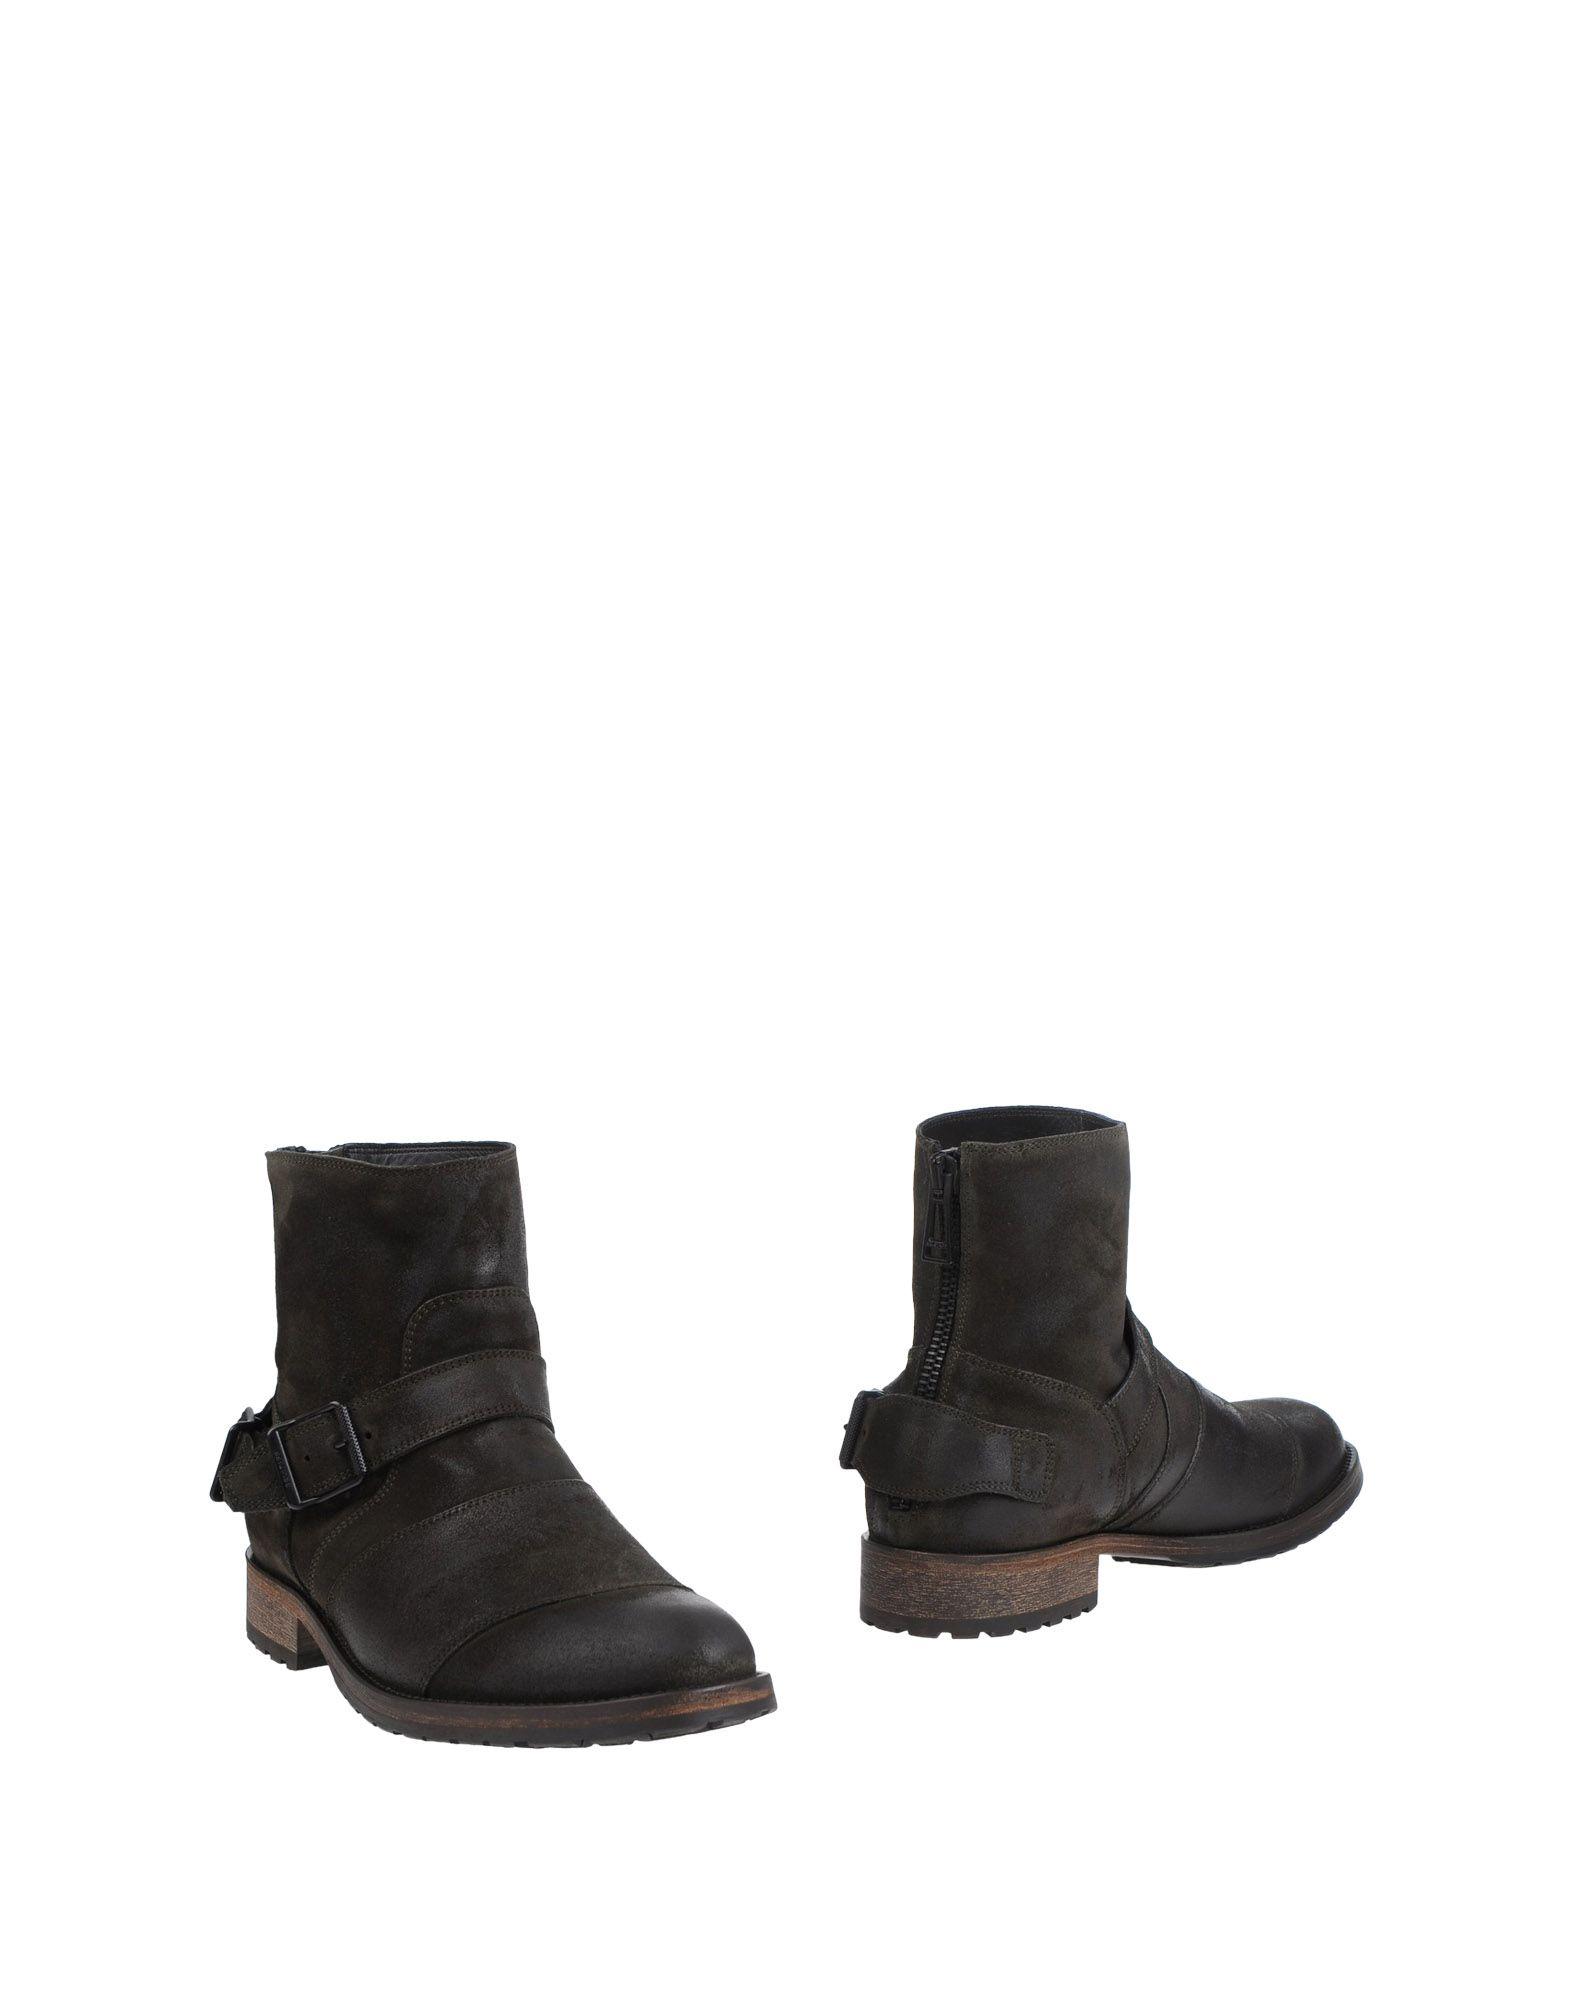 Belstaff Gute Stiefelette Herren  11328747XG Gute Belstaff Qualität beliebte Schuhe 27d7e4